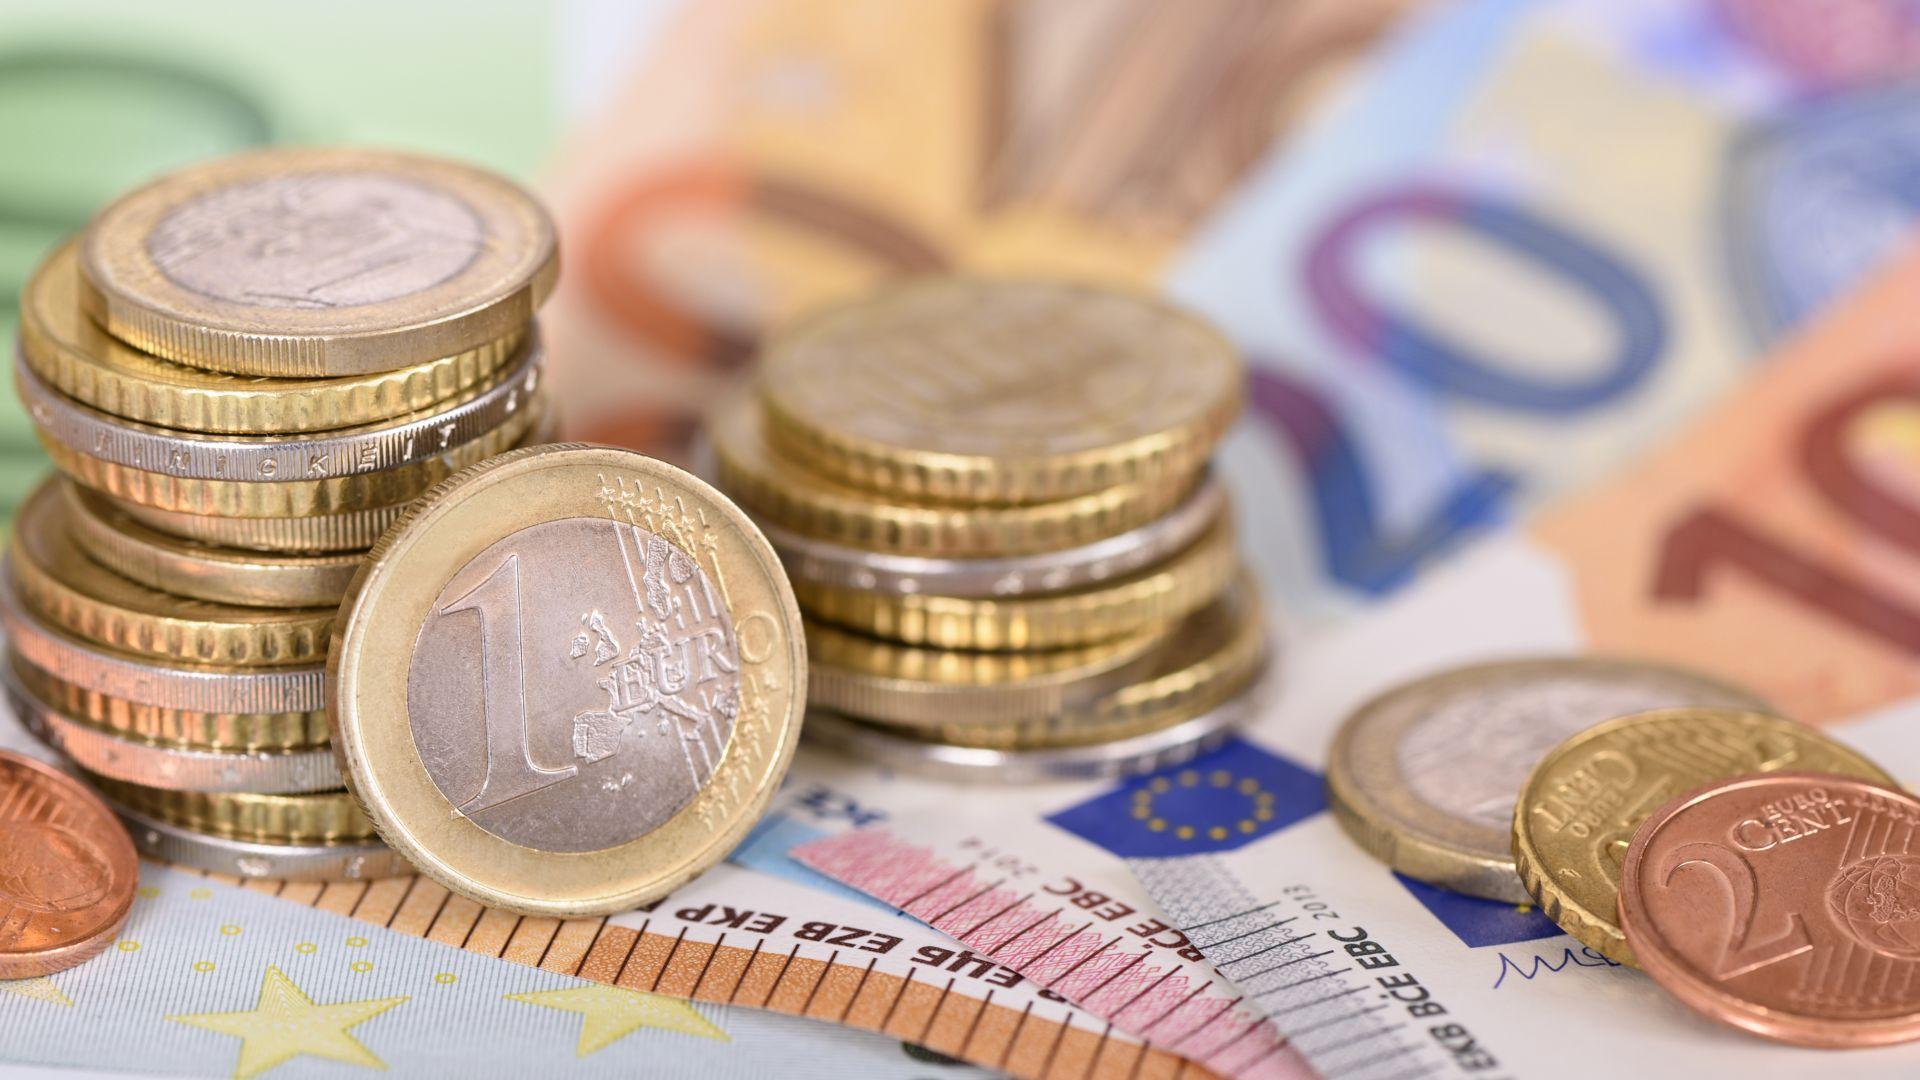 schuldsaldoverzekering Beringen